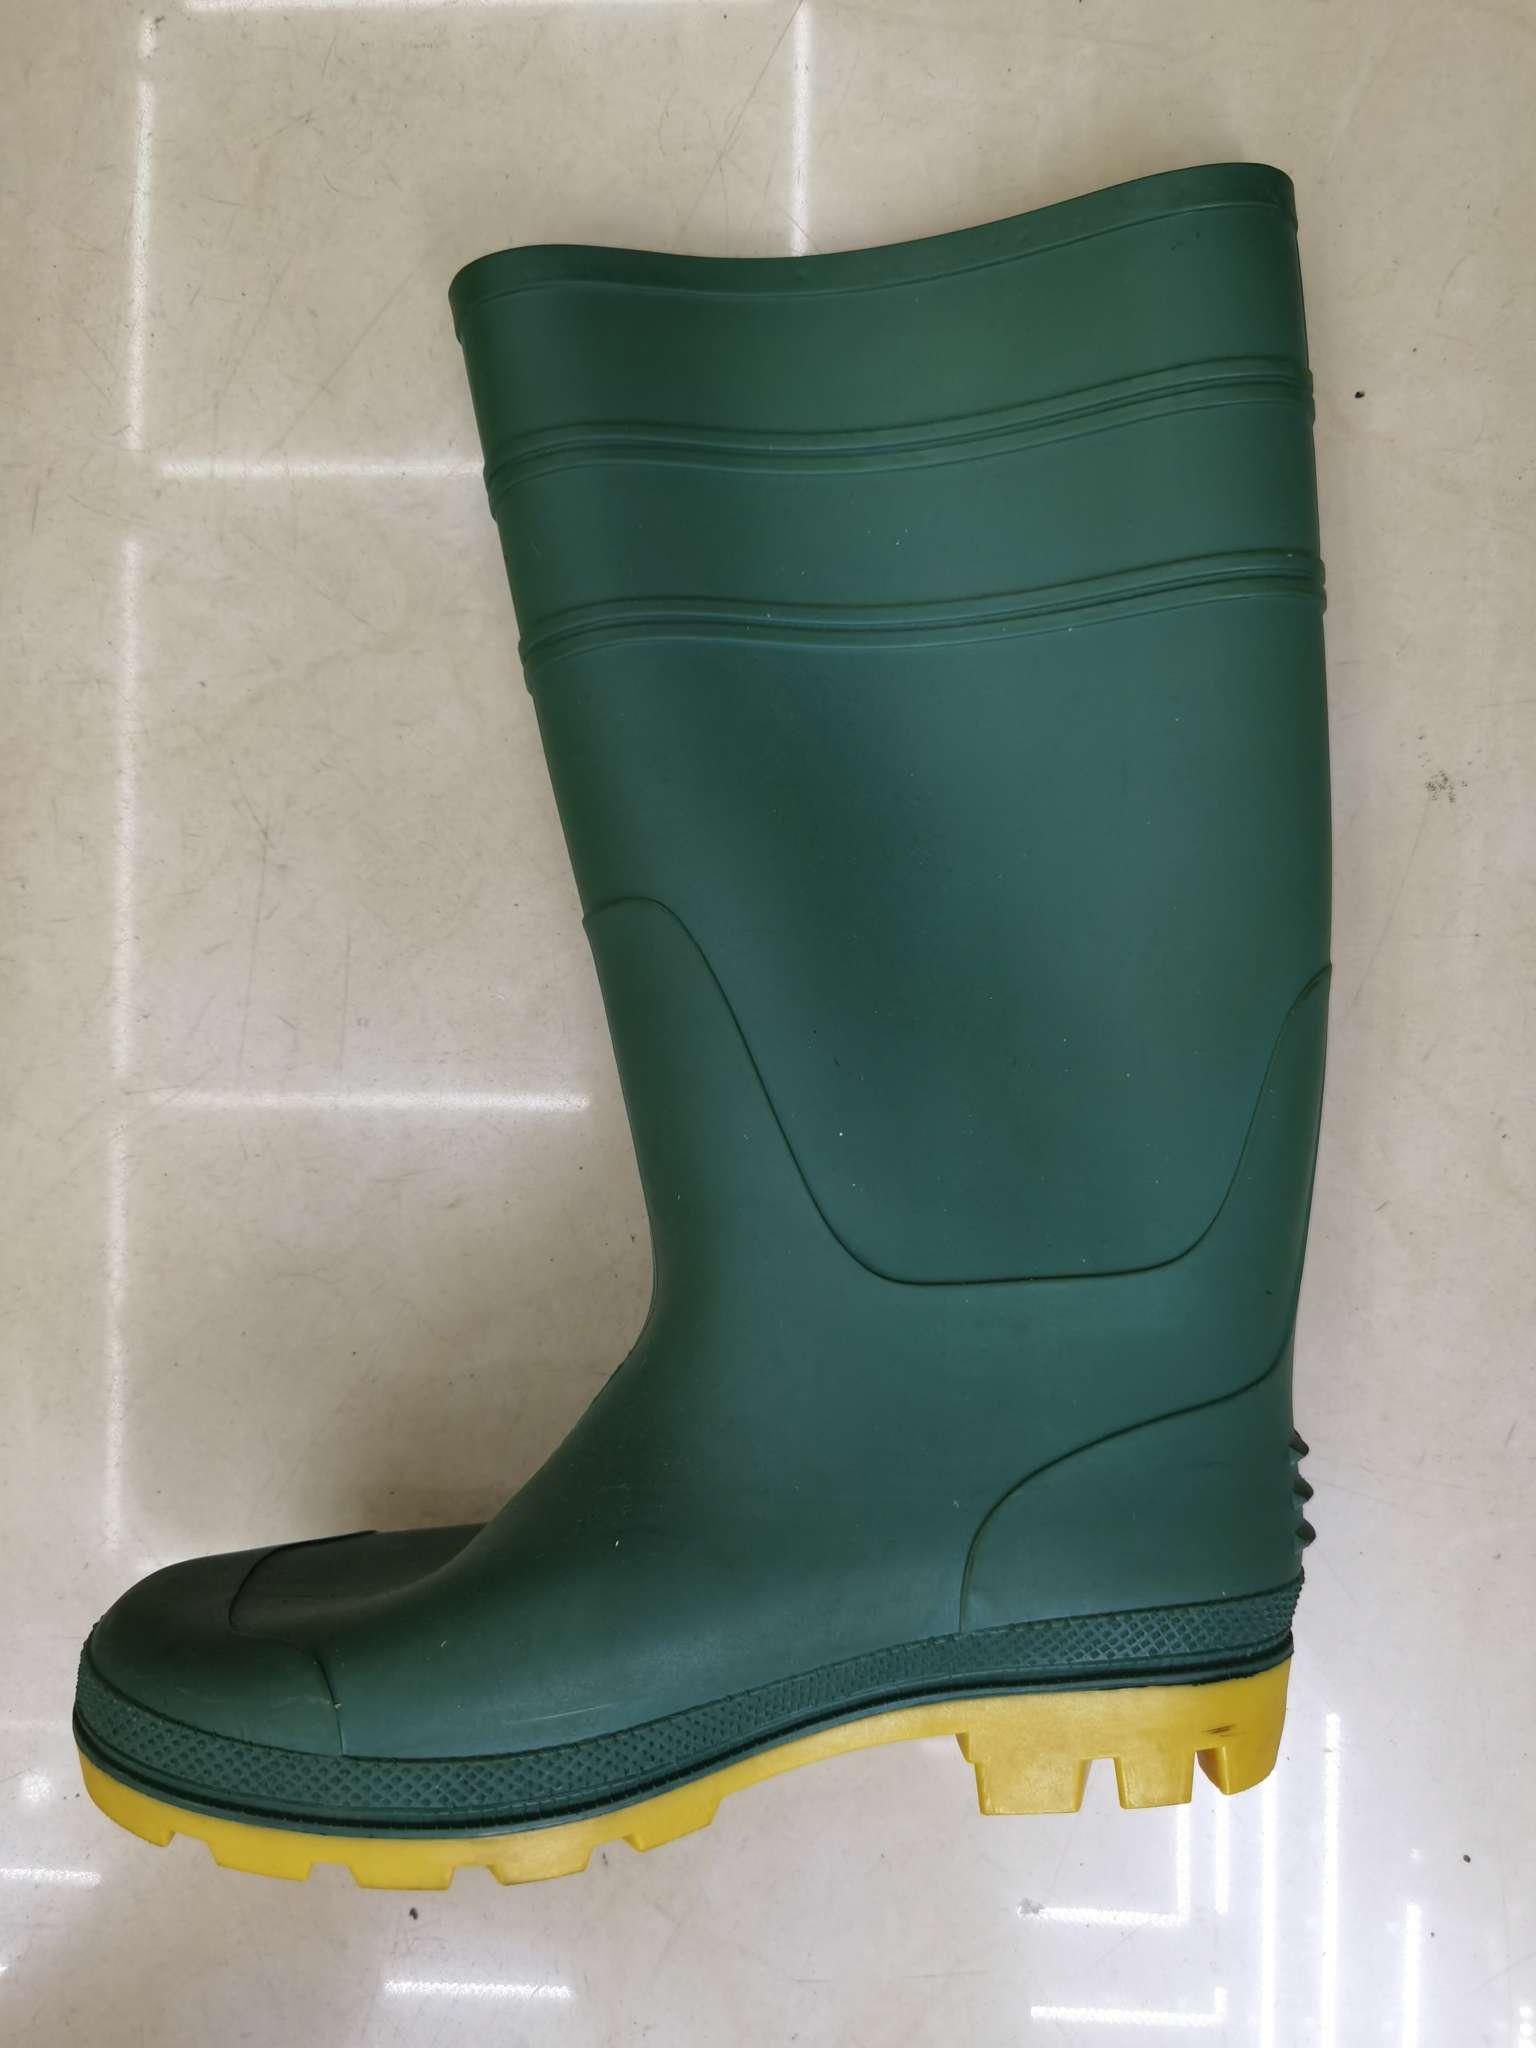 绿面黄底雨鞋